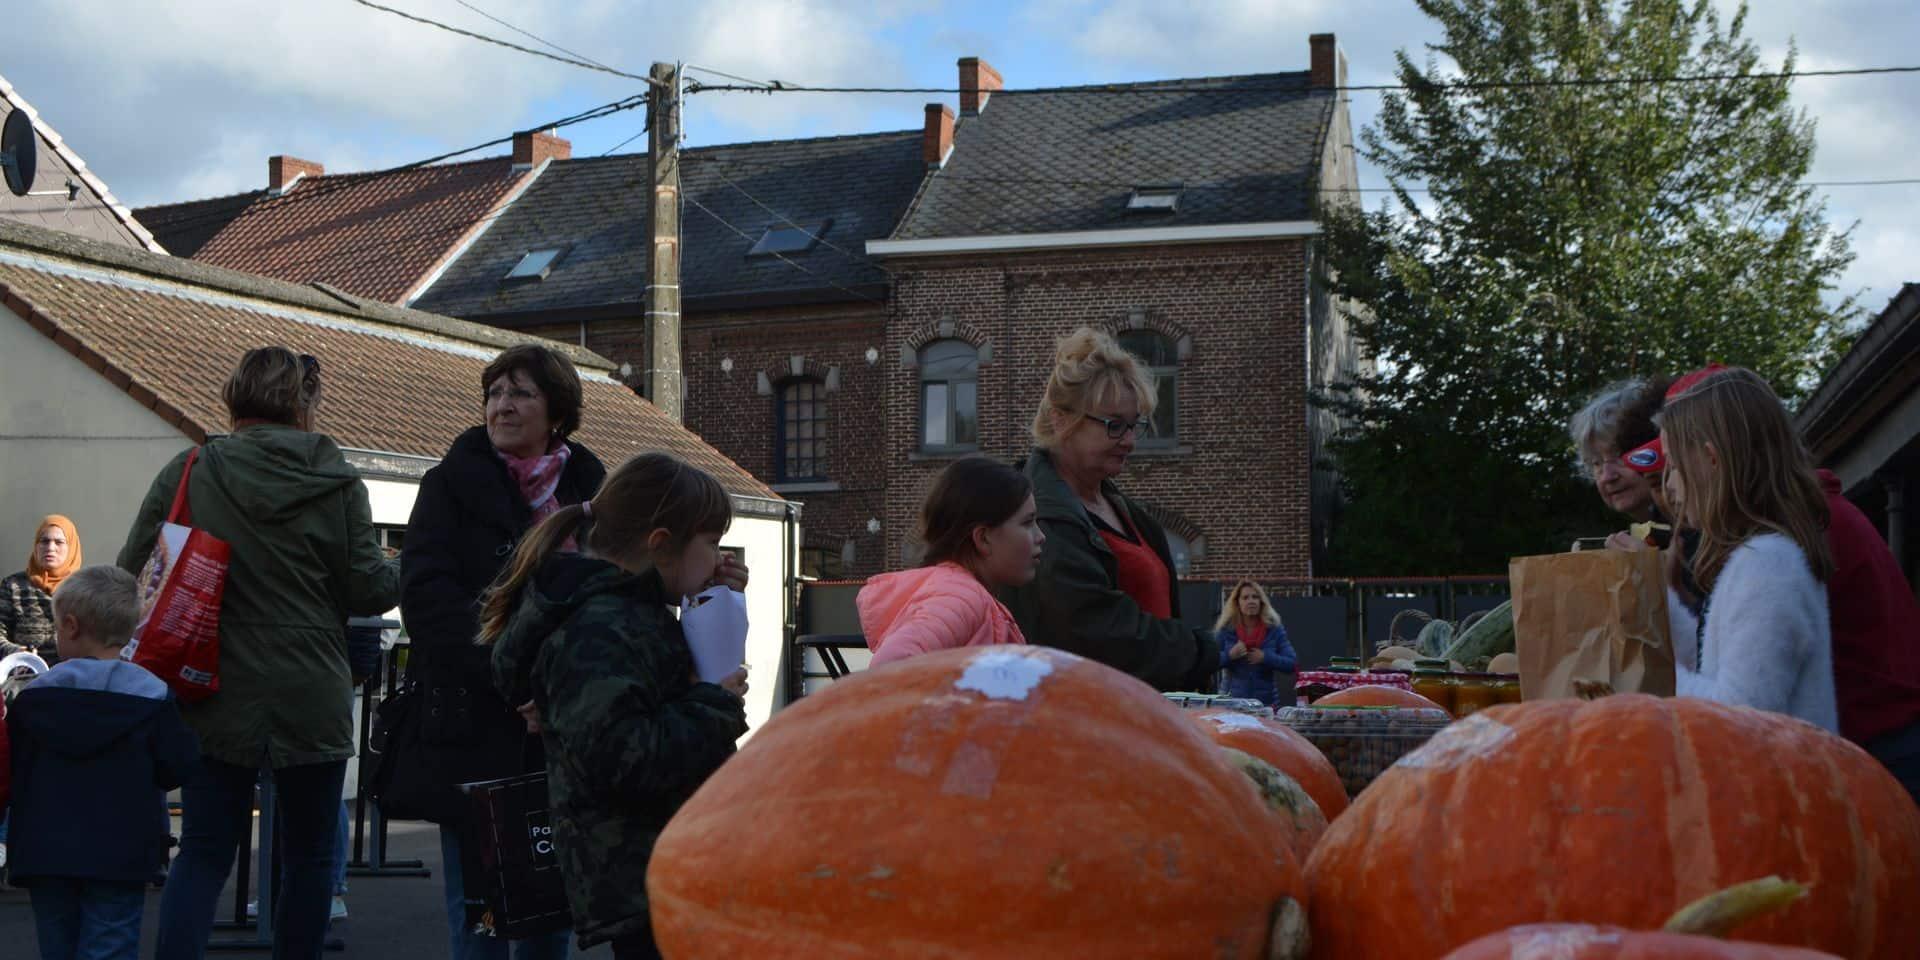 Des légumes ou la vie ! Pour Halloween, une école d'Havré organise... un marché bio